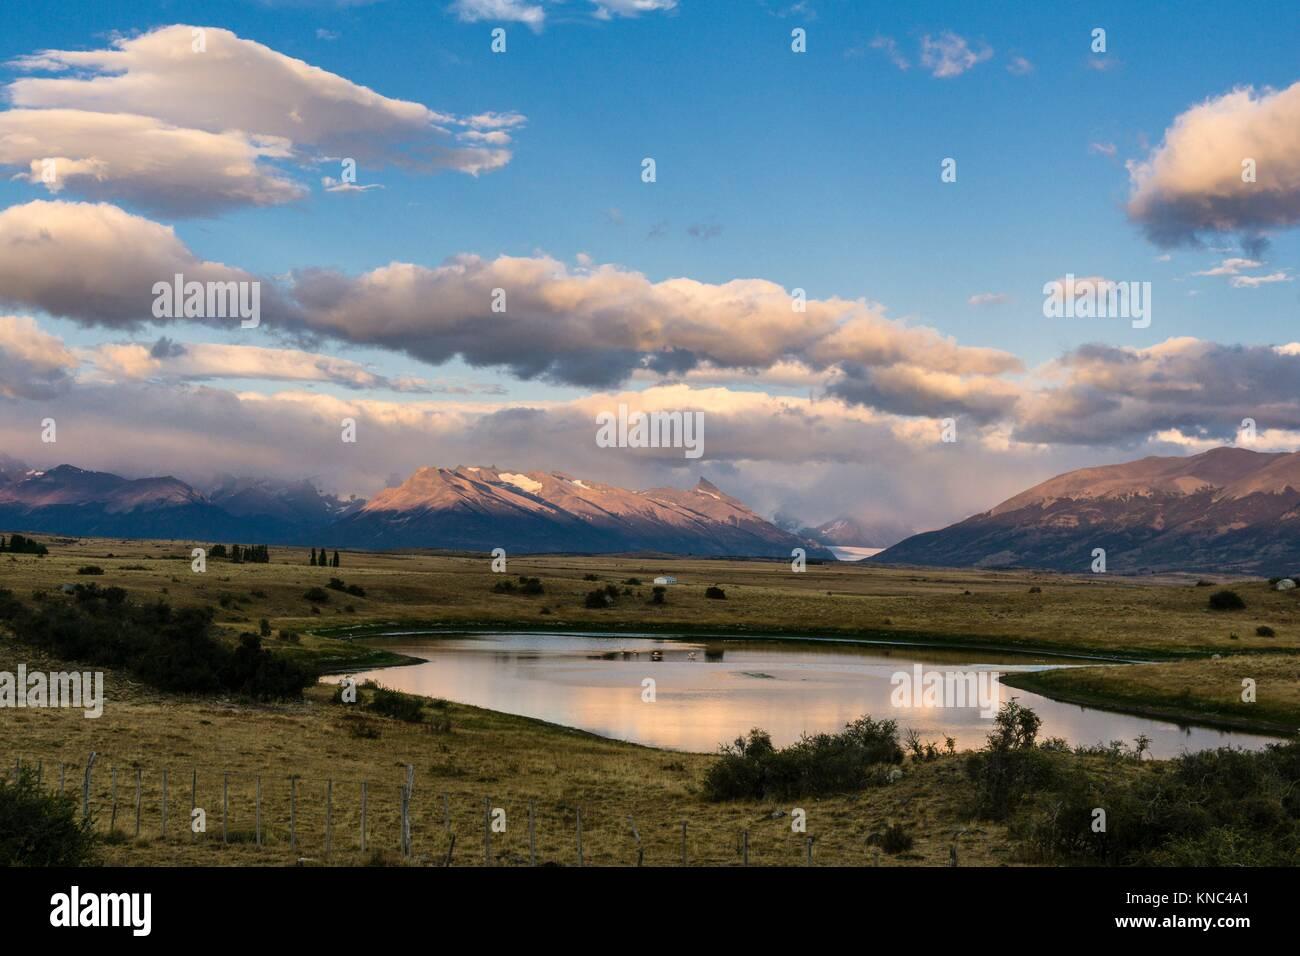 Pampas near Lago Roca, El Calafate ,Parque Nacional Los Glaciares Patagonia, Argentina. - Stock Image